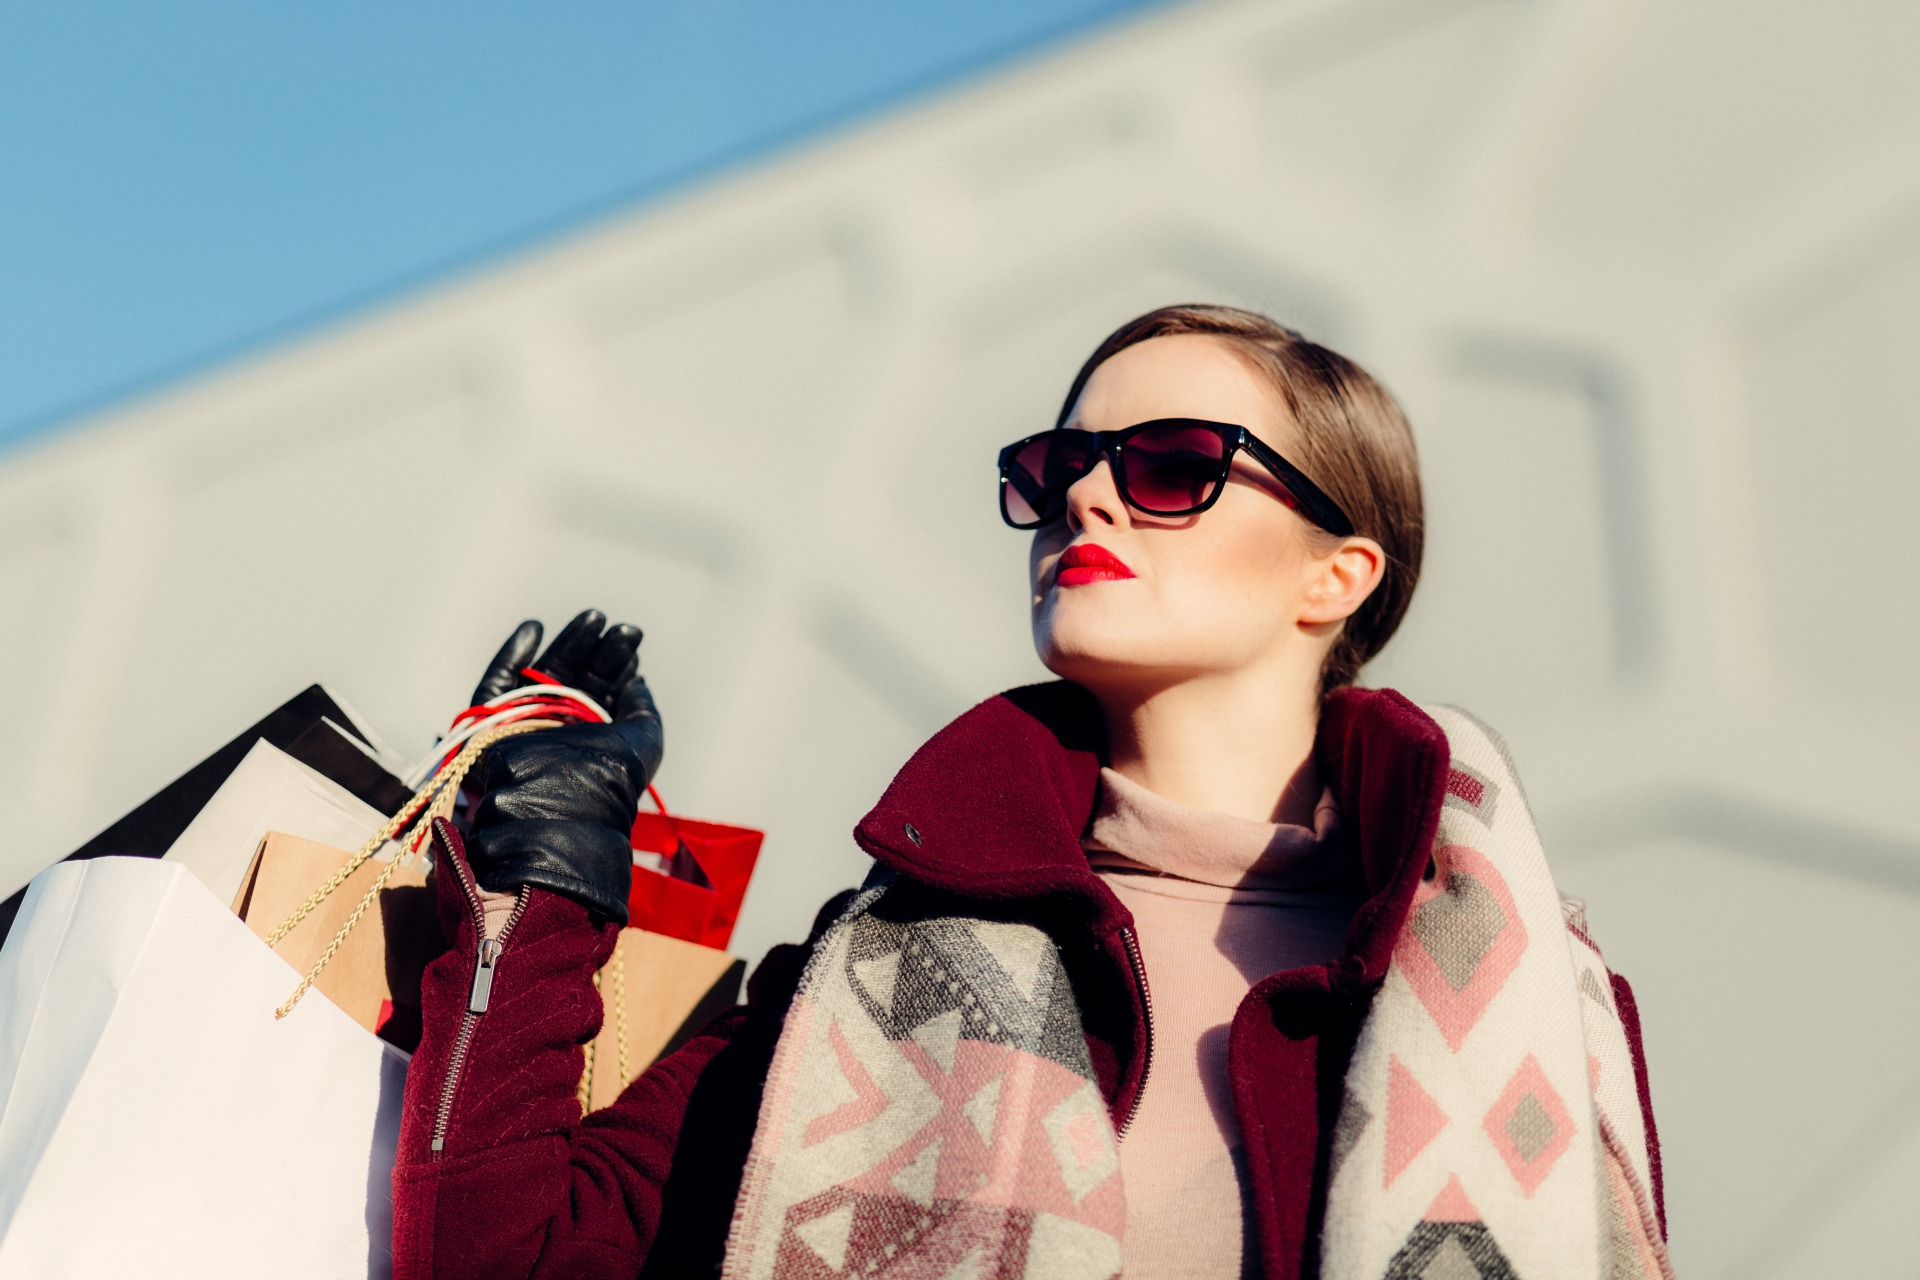 財布を入れたバッグを持つ女性